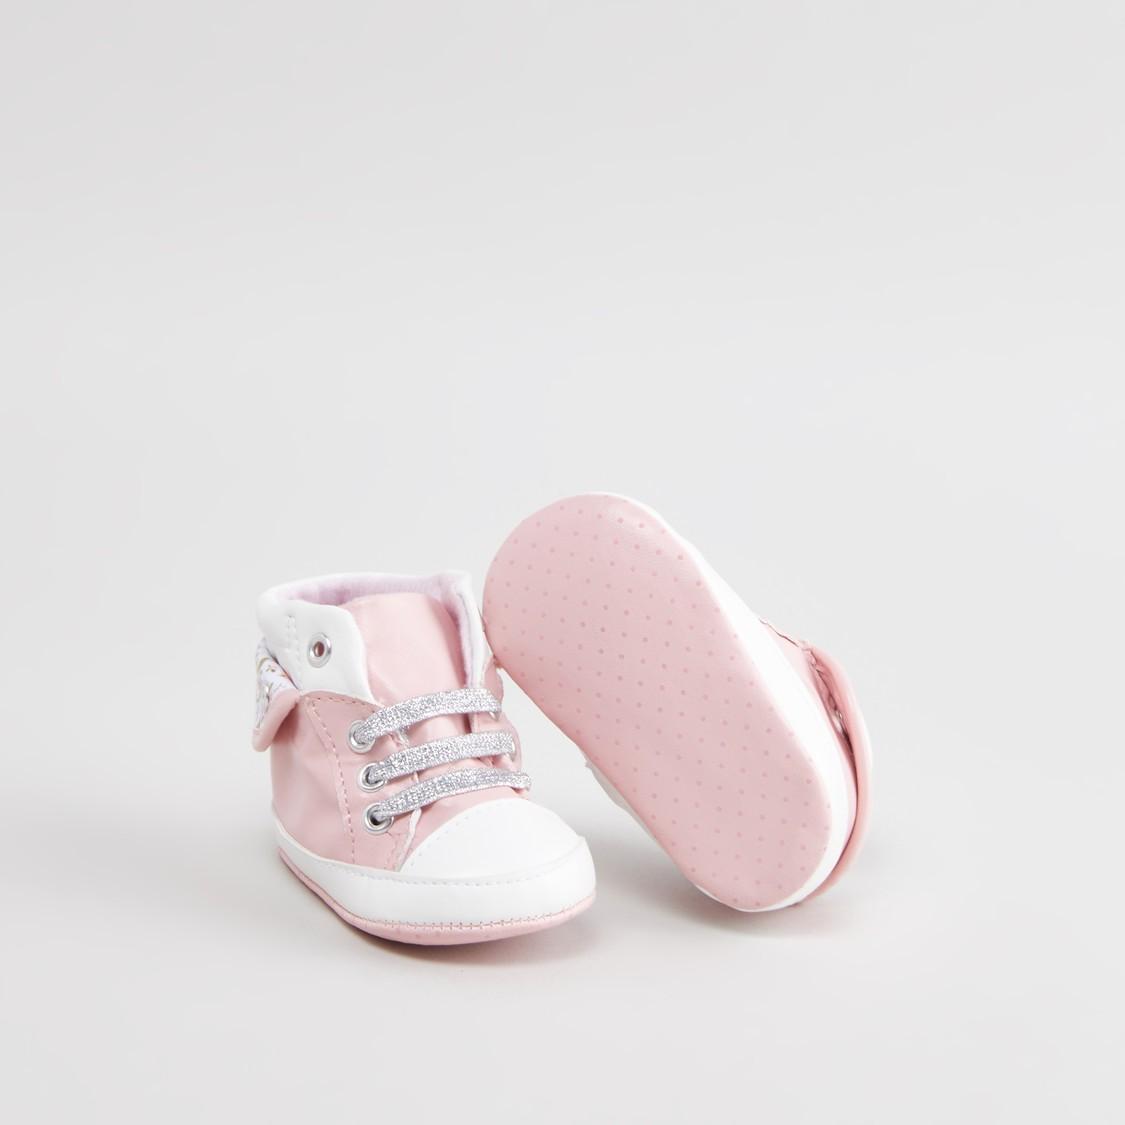 حذاء طويل بقصّة عالية ورباط مع طبعات باكستاي